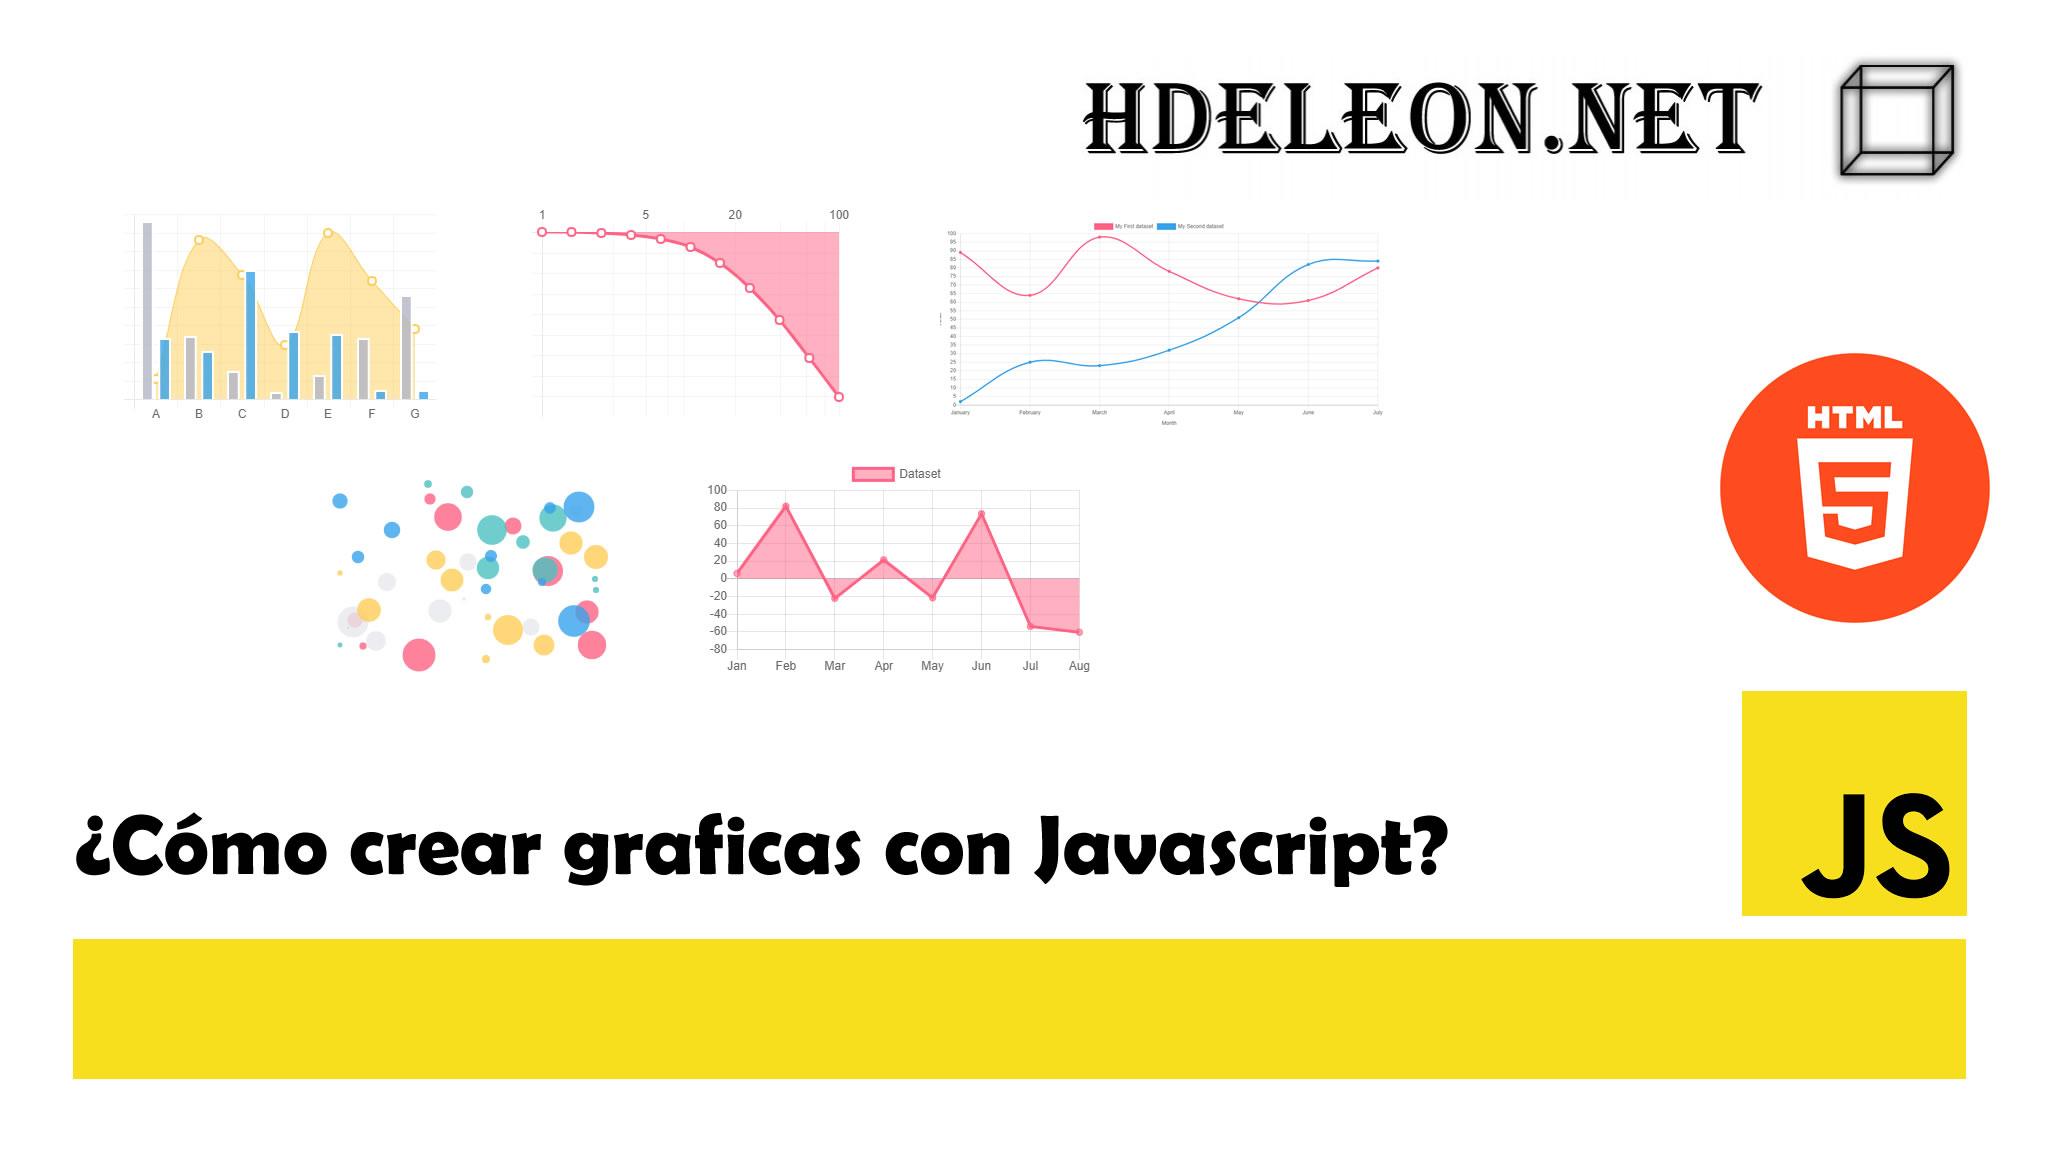 ¿Cómo crear graficas con Javascript?, Chartjs, HTML5